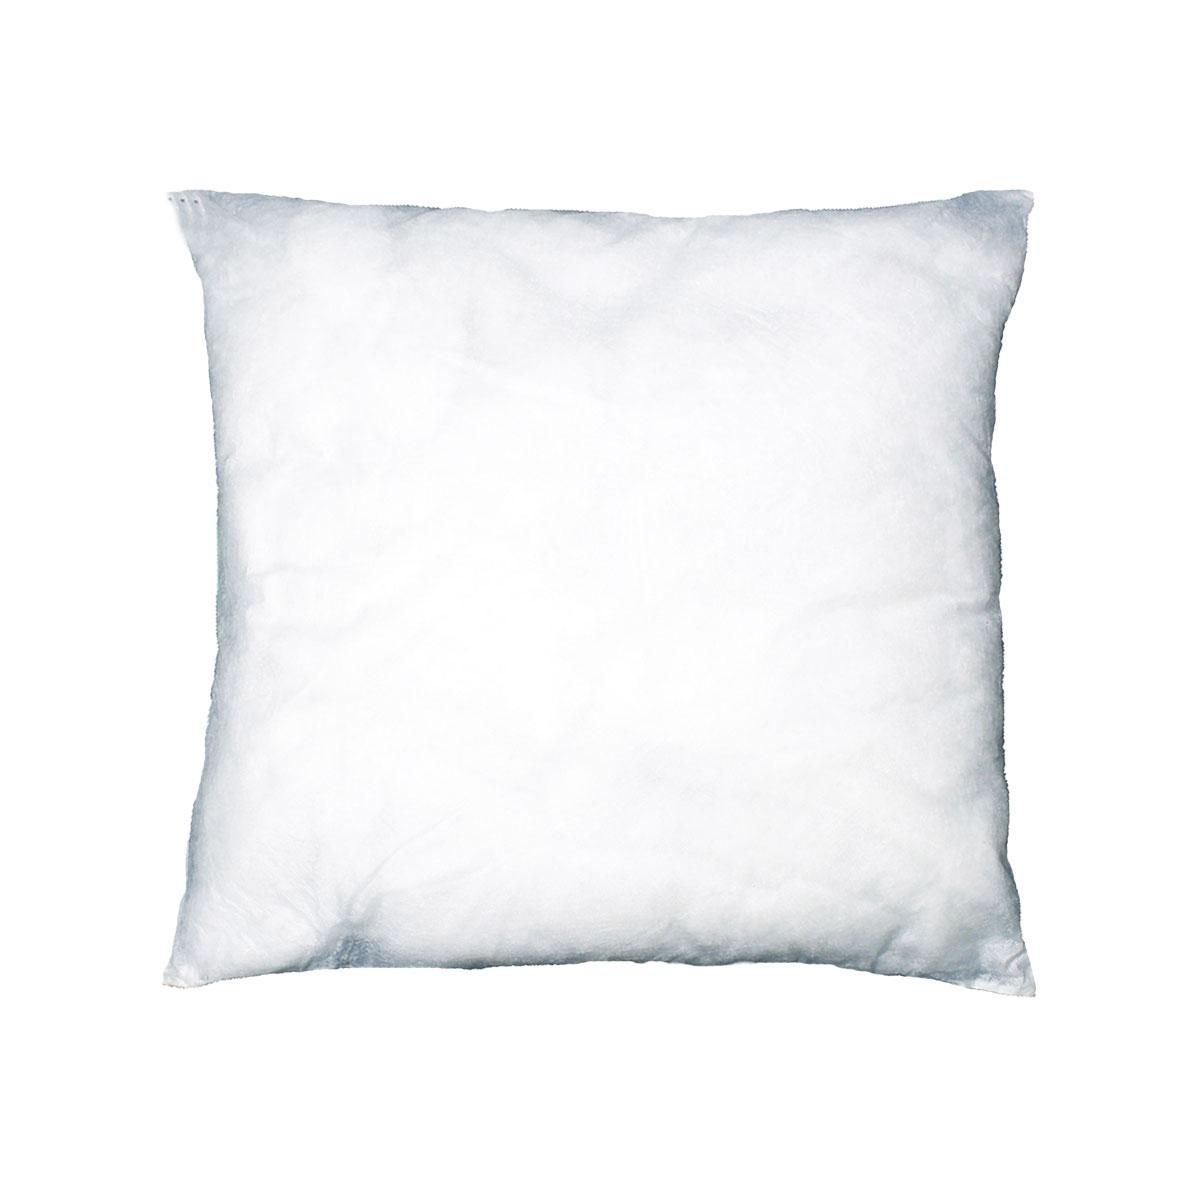 Coussin de garnissage en coloris blanc polyester blanc 45x45